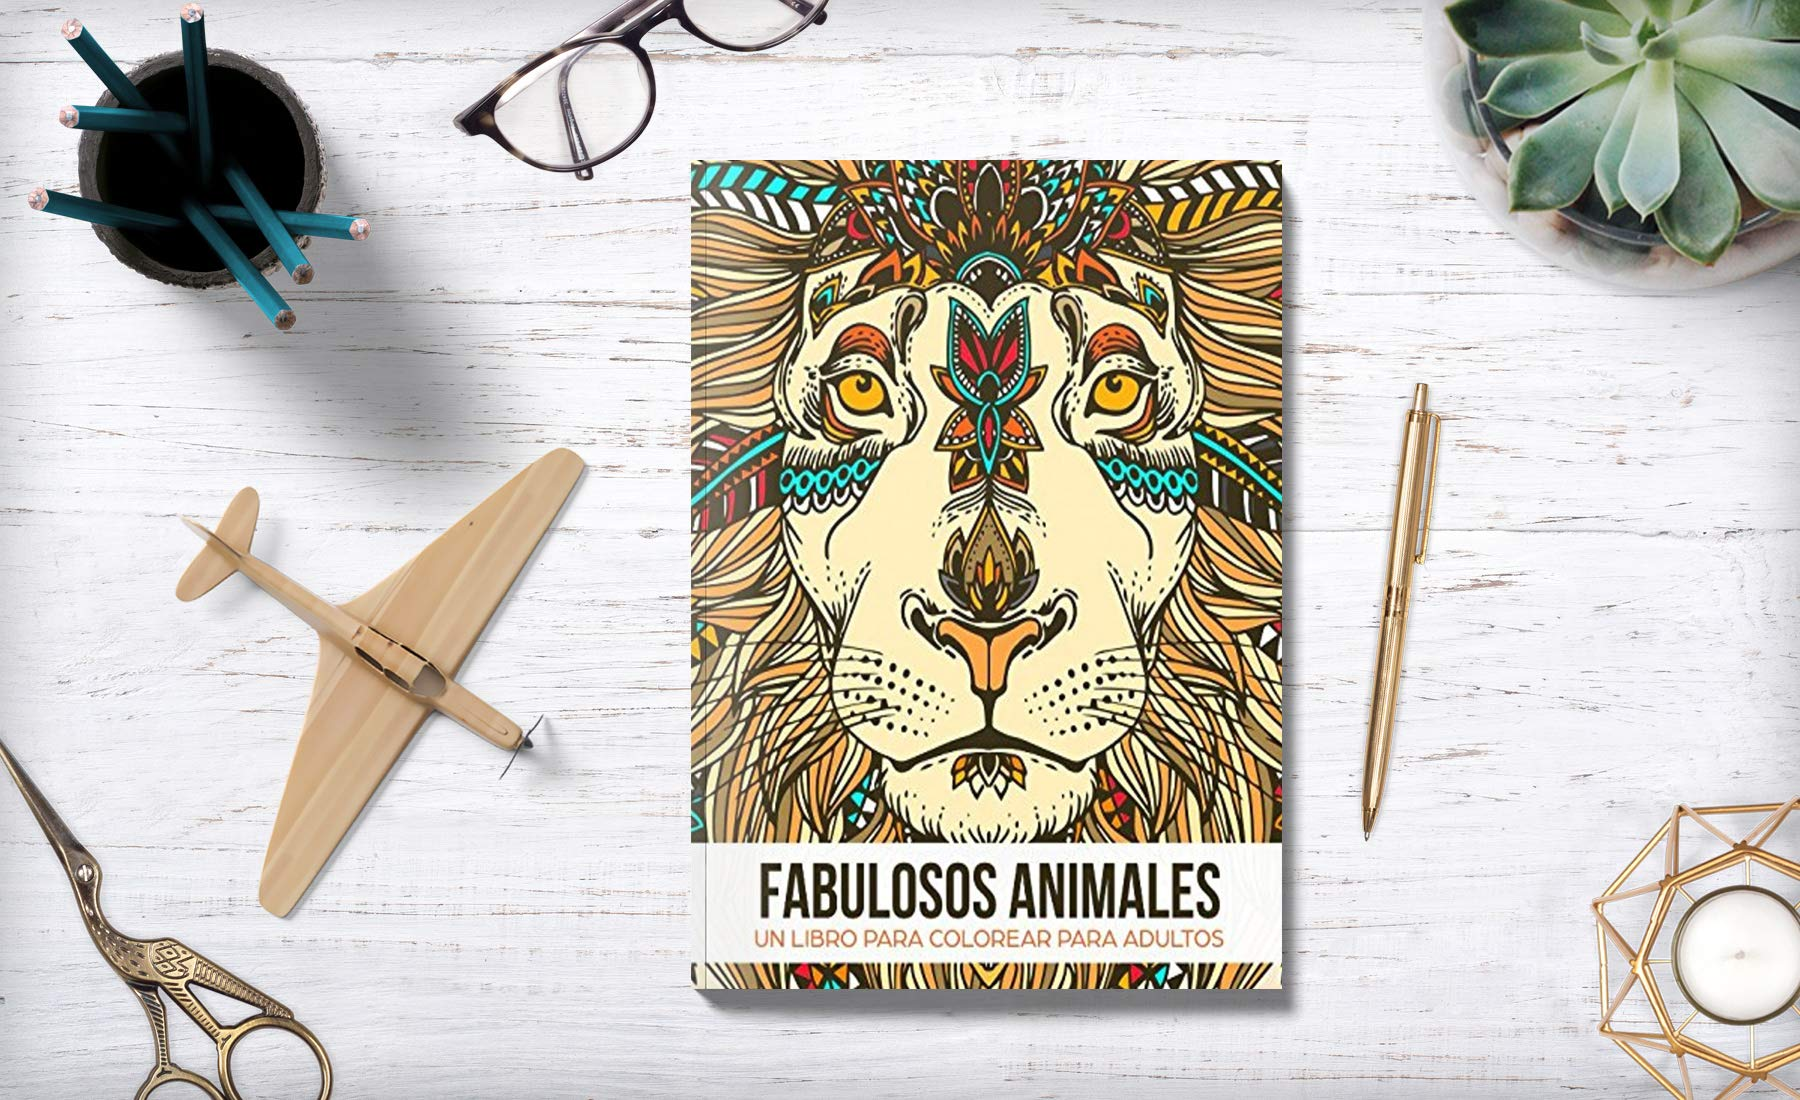 Fabulosos Animales: Un libro de colorear para adultos - Un regalo para liberar tensiones coloreando, dirigido a hombres, mujeres y adolescentes que ... y ...